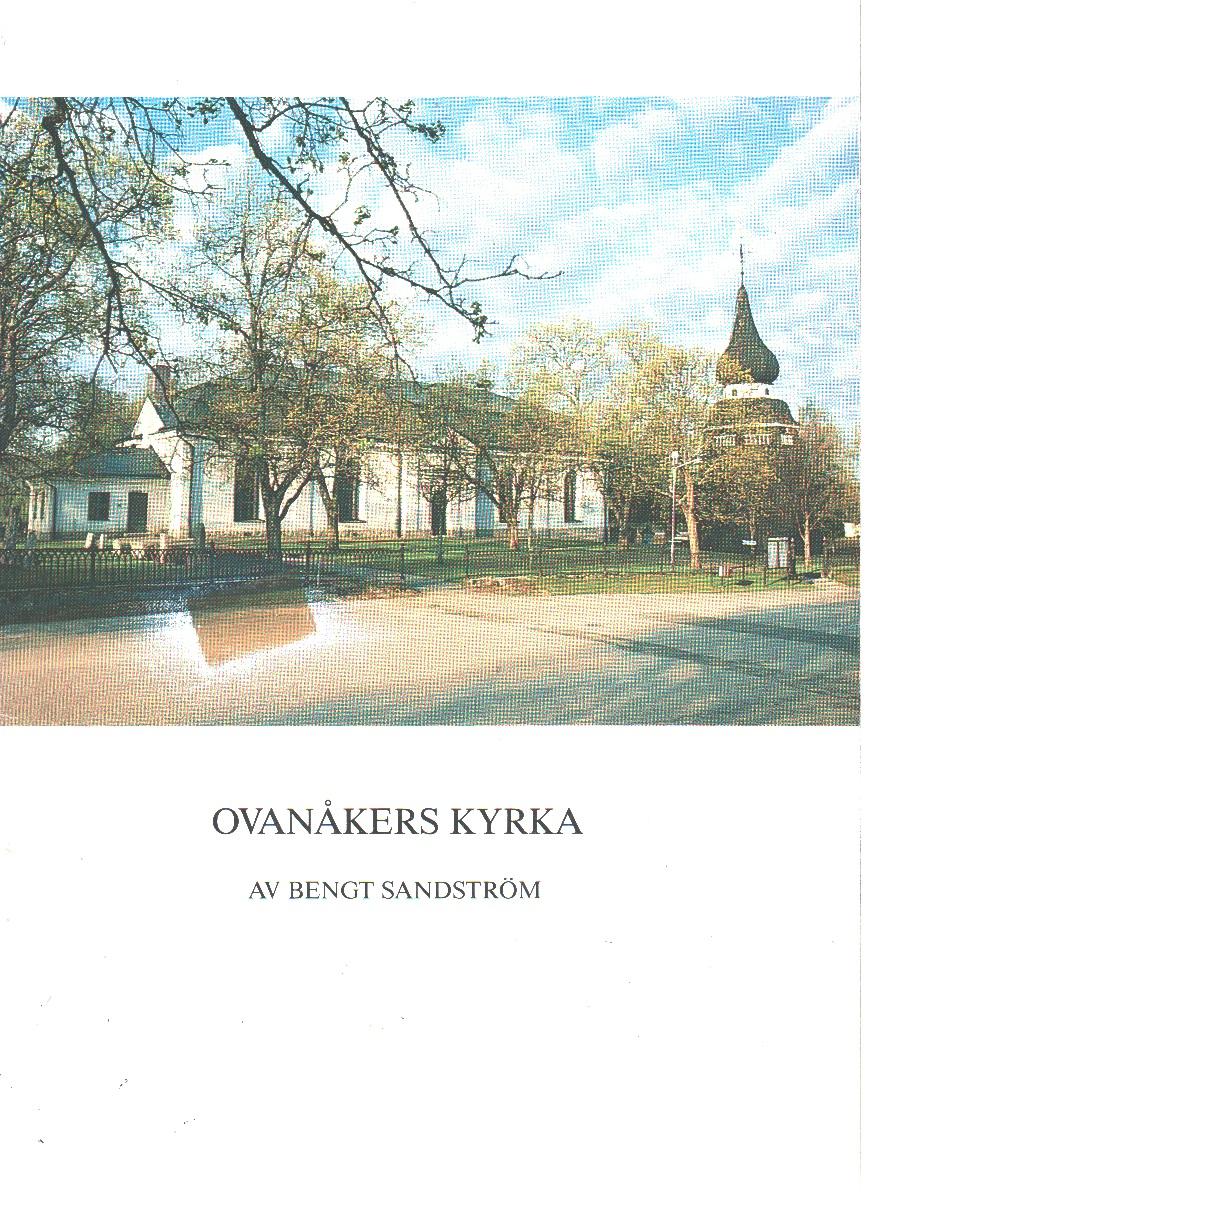 Ovanåkers kyrka - Sandström, Bengt